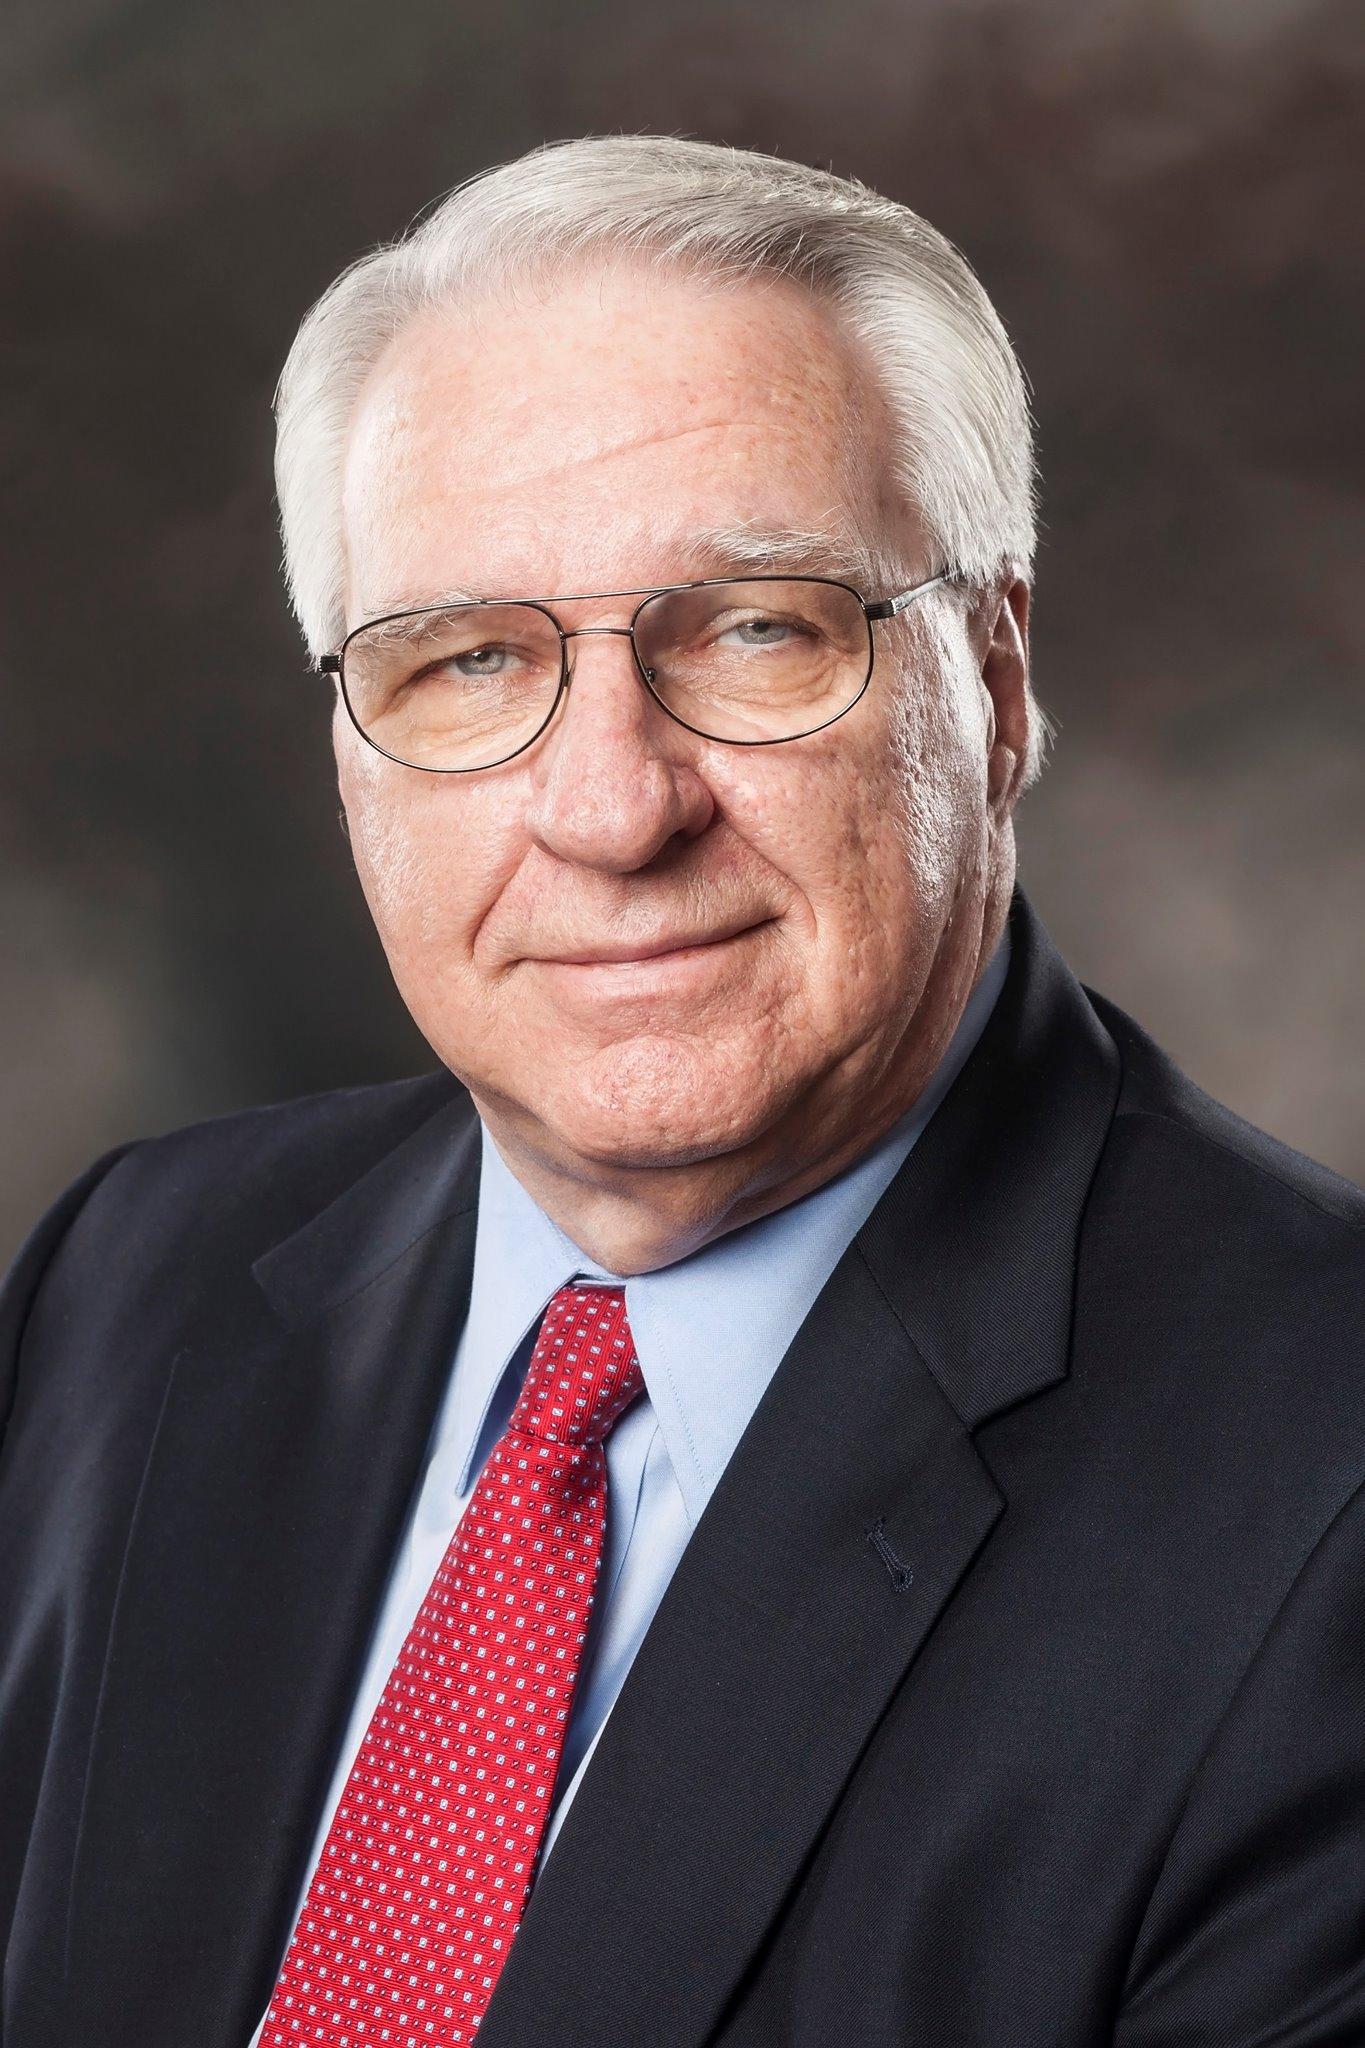 Dr. Don Cameron